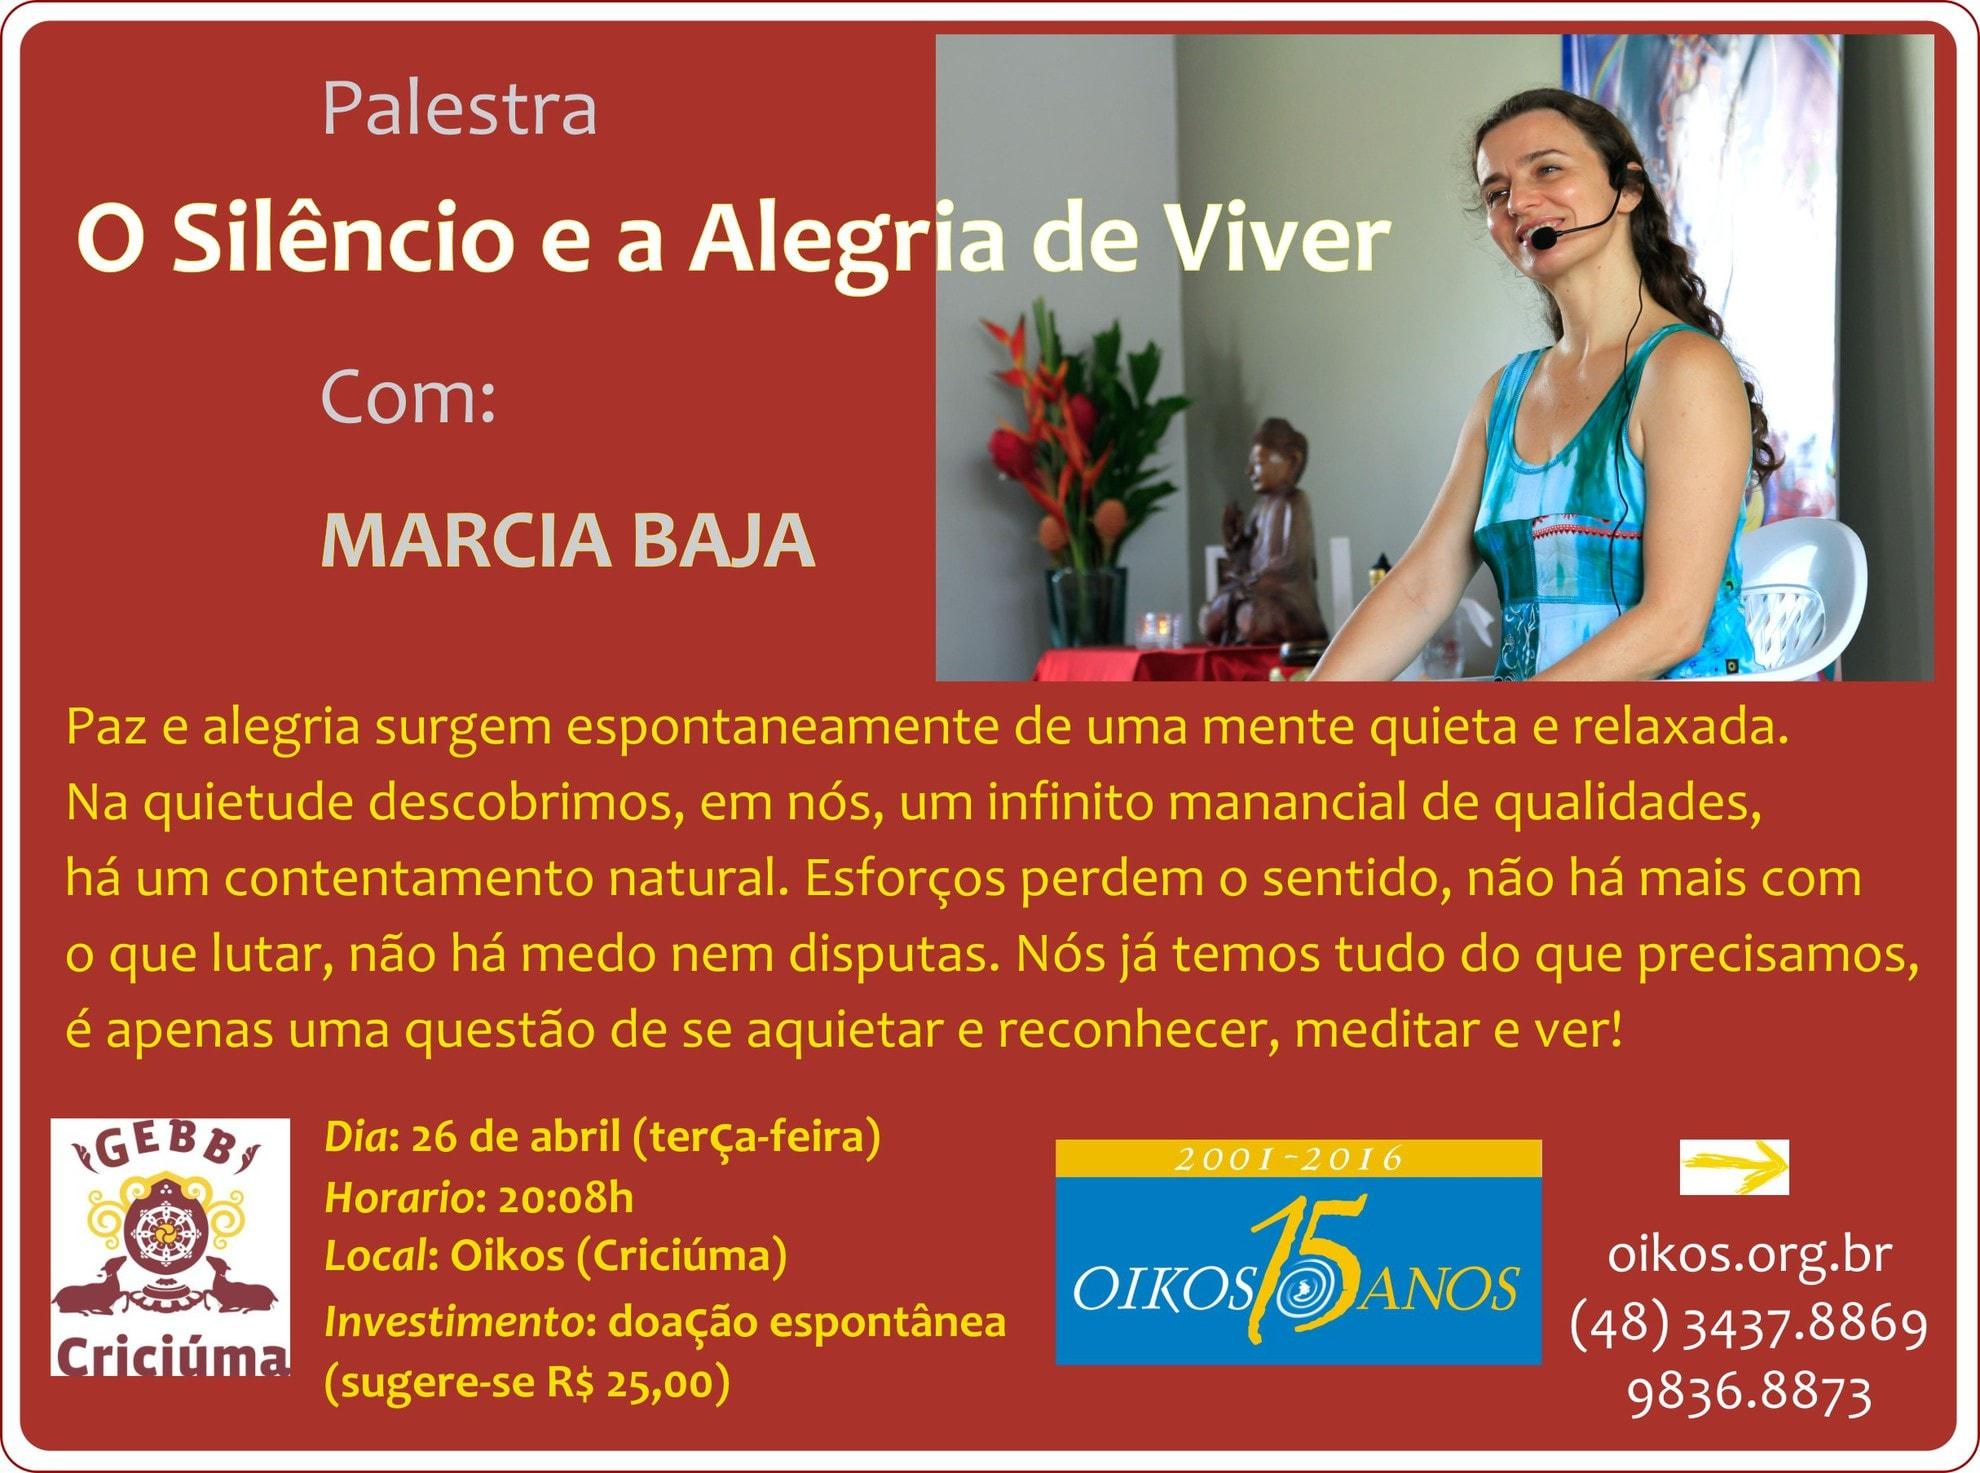 MARCIA BAJA é aluna de Lama Padma Samten desde 1996. Em 2013 completou um retiro fechado de 3 anos e 3 meses. Atua como instrutora de ioga e também como tutora do CEBB. Hoje oferece cursos em várias cidades do Brasil e reside no CEBB Darmata, em Timbaúba (PE), onde ajuda a coordenar retiros fechados.